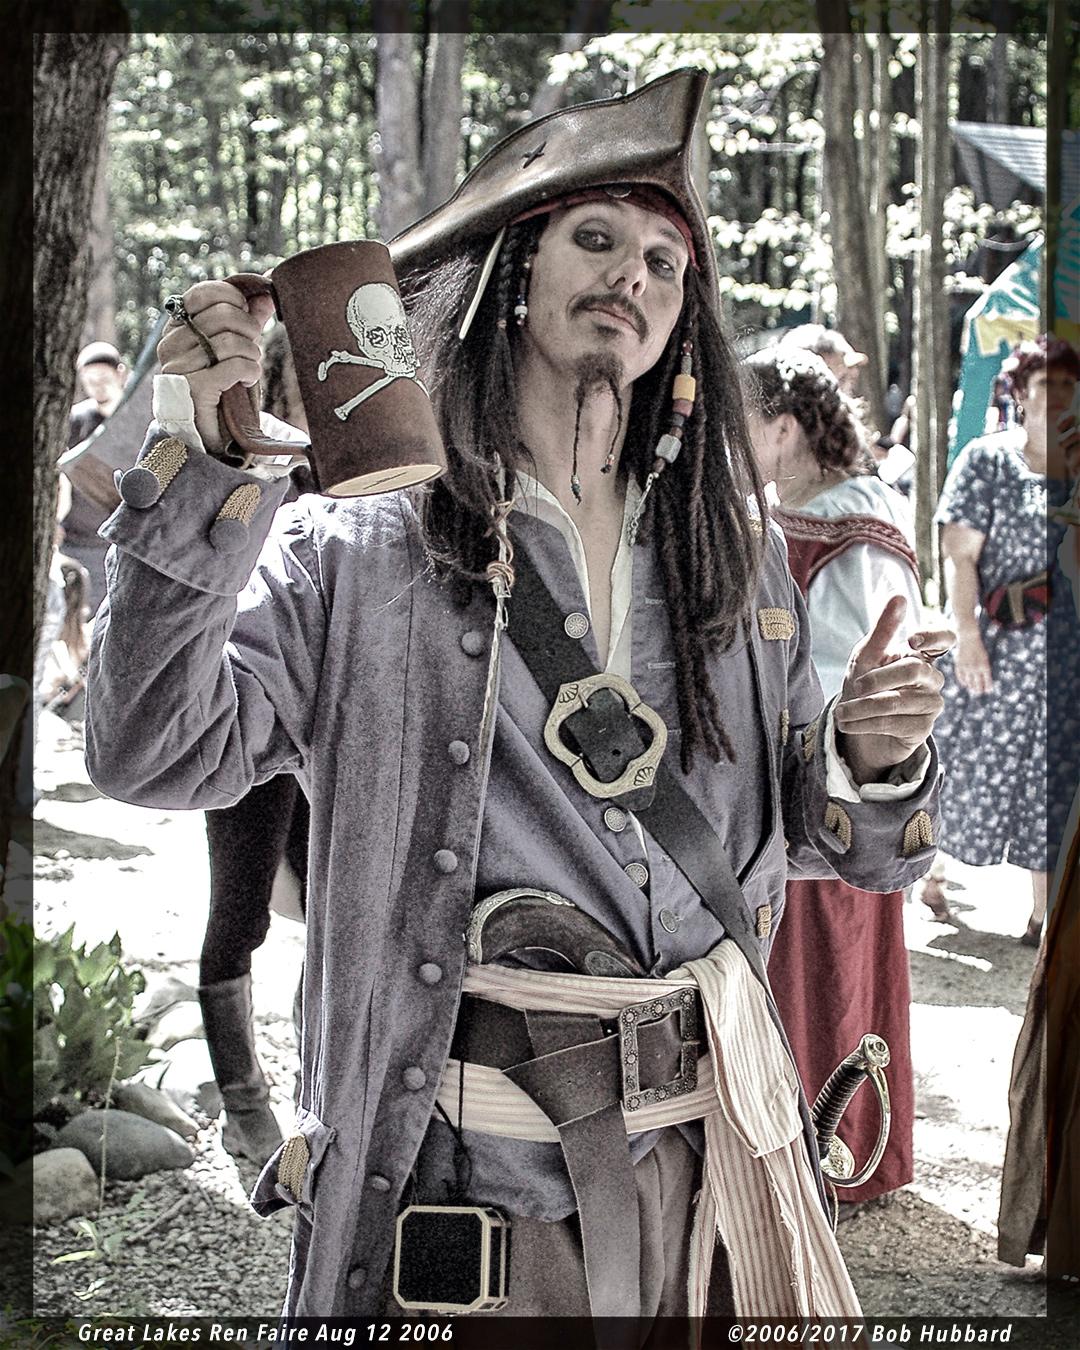 Throwback Thursday. Great Lakes Ren Faire Aug 12 2006 Excellent faire, great Jack Sparrow.